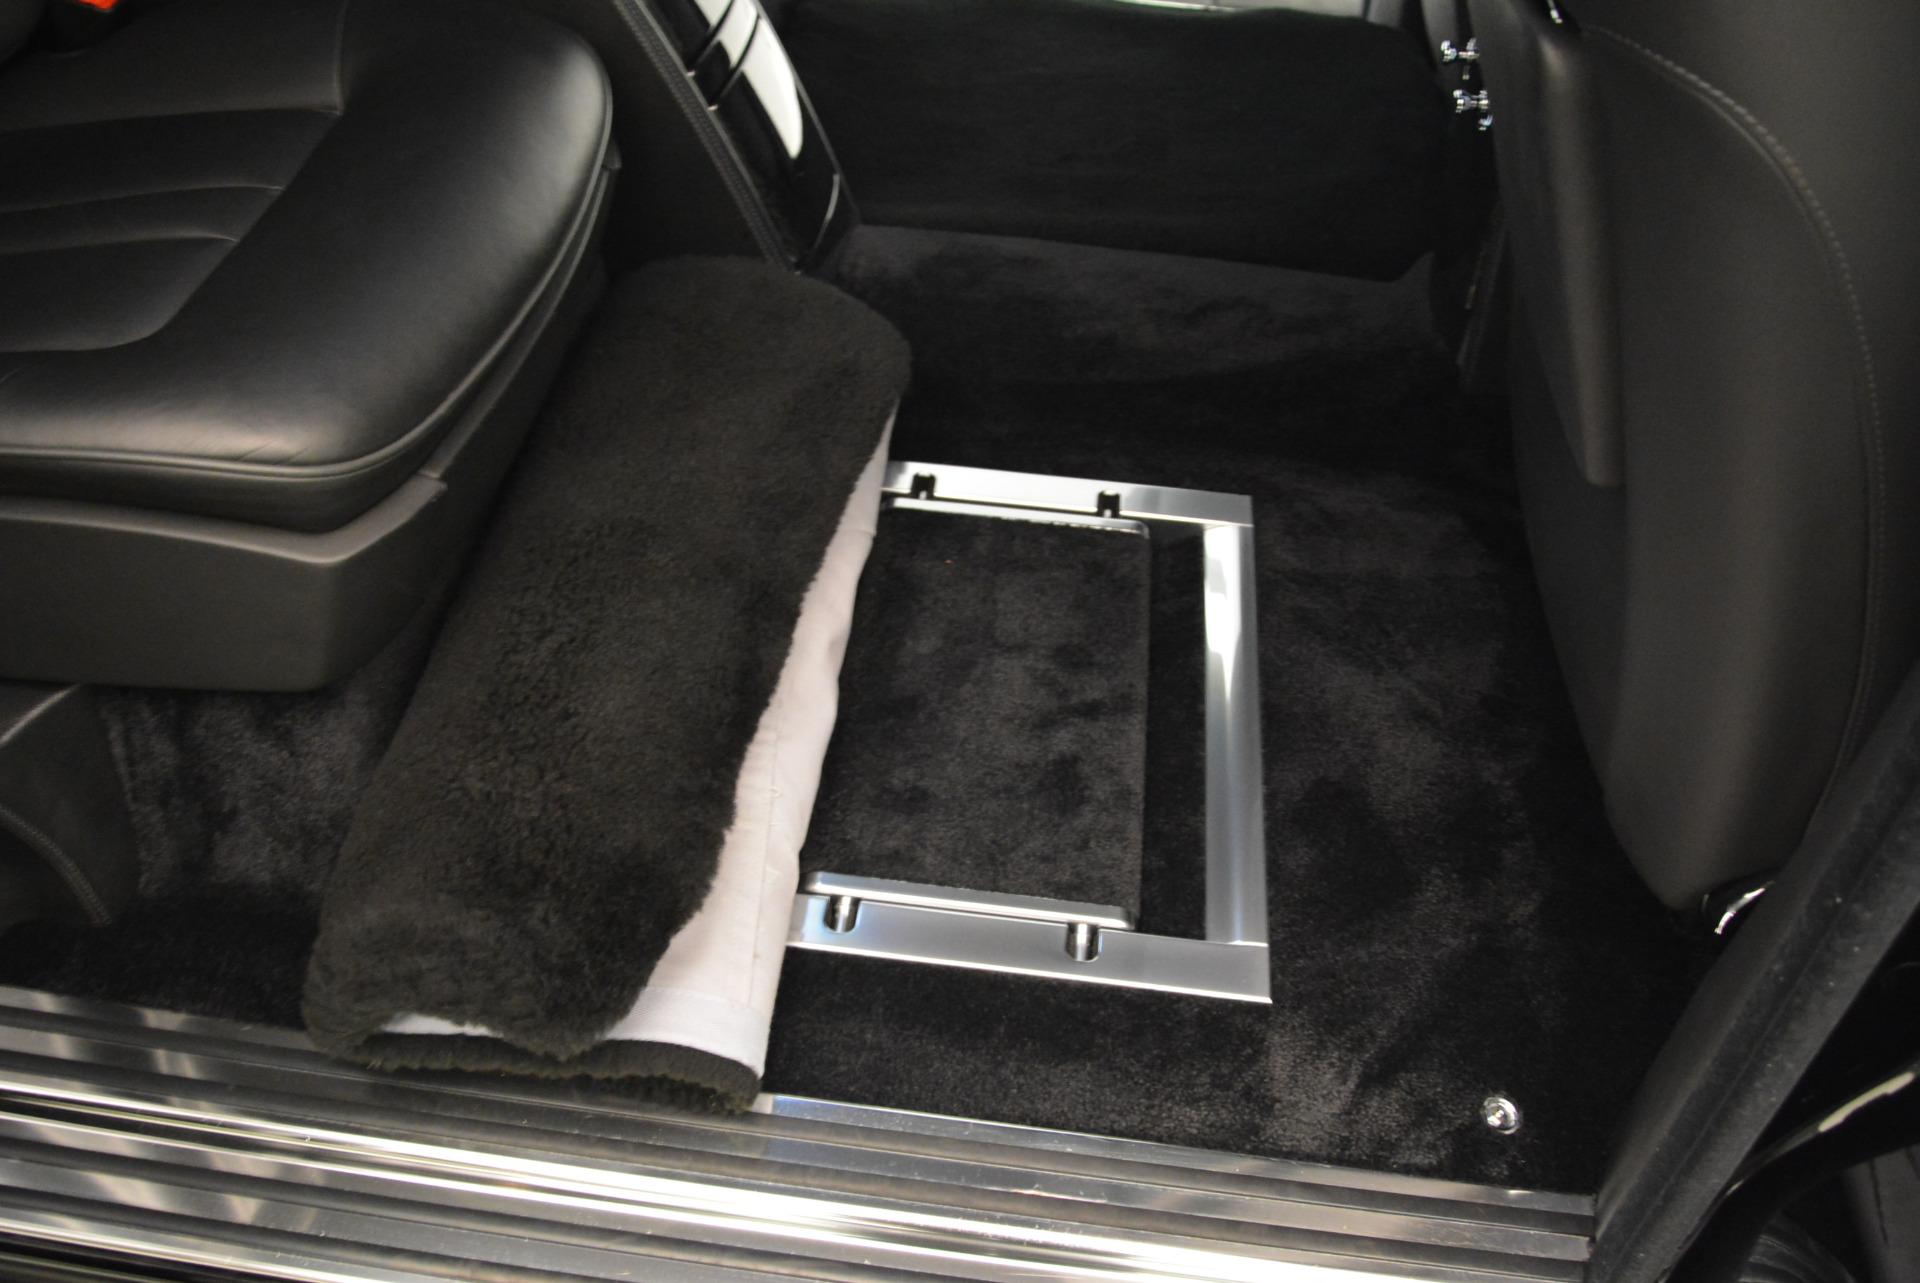 Used 2014 Rolls-Royce Phantom EWB For Sale In Westport, CT 2051_p18